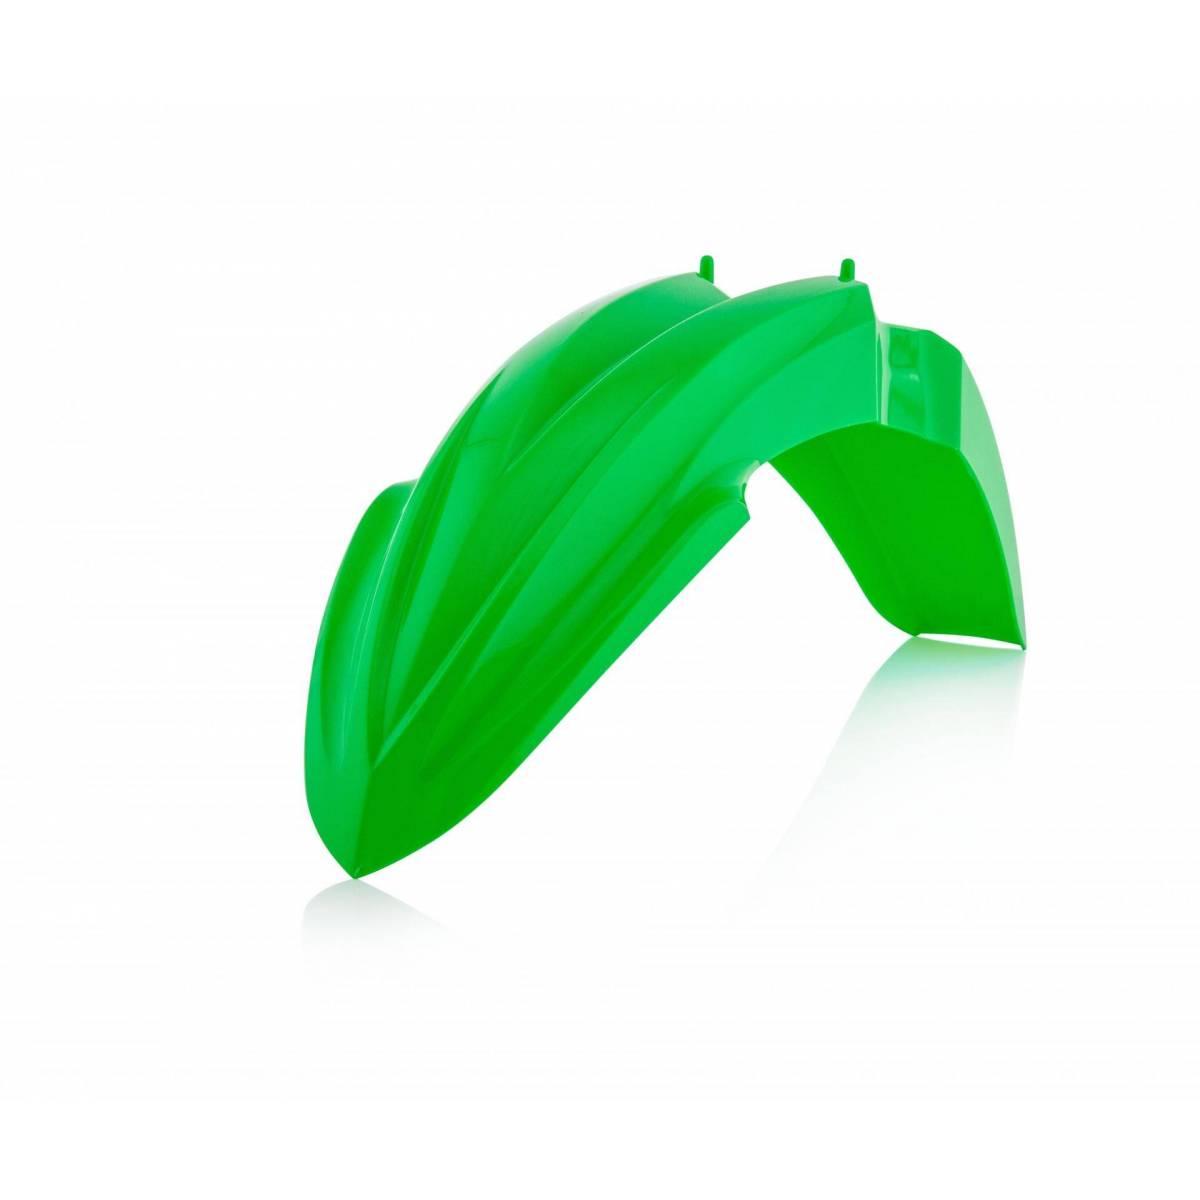 0017240-131 - Guardabarros Delantero Kx85 100 14 18 Blanco Verde